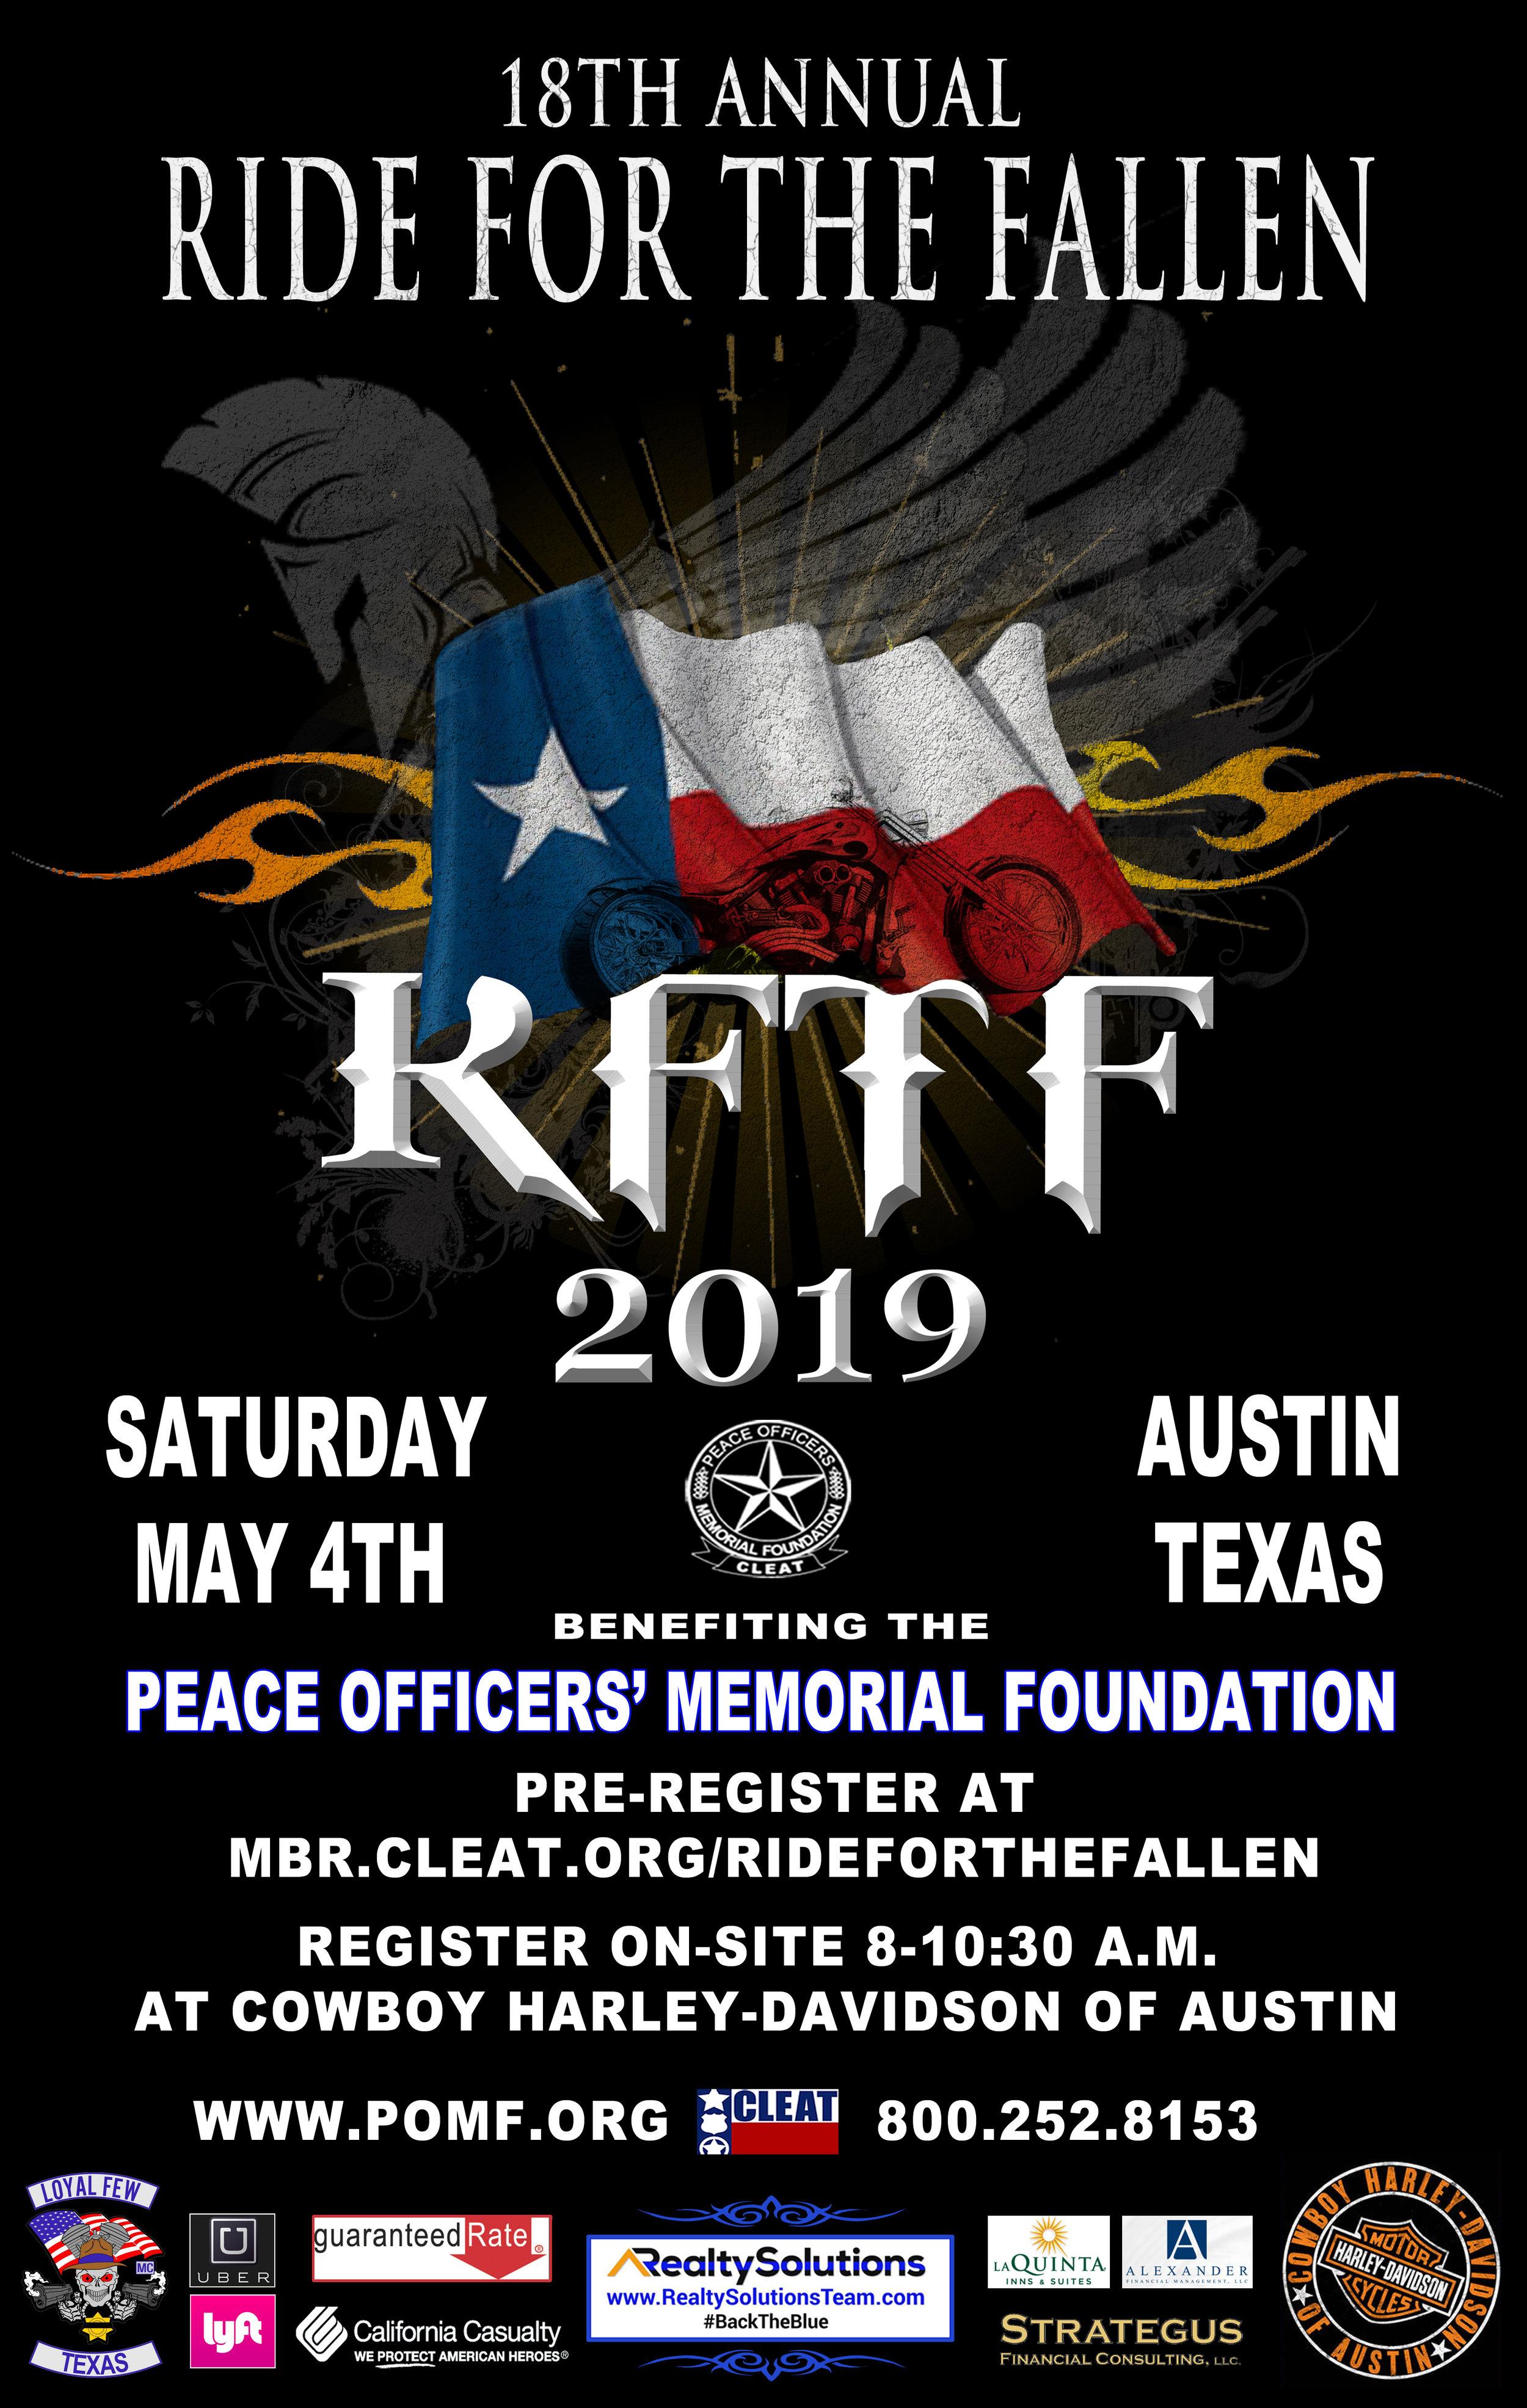 RFTF 19 poster mstr 11x17-3.jpg